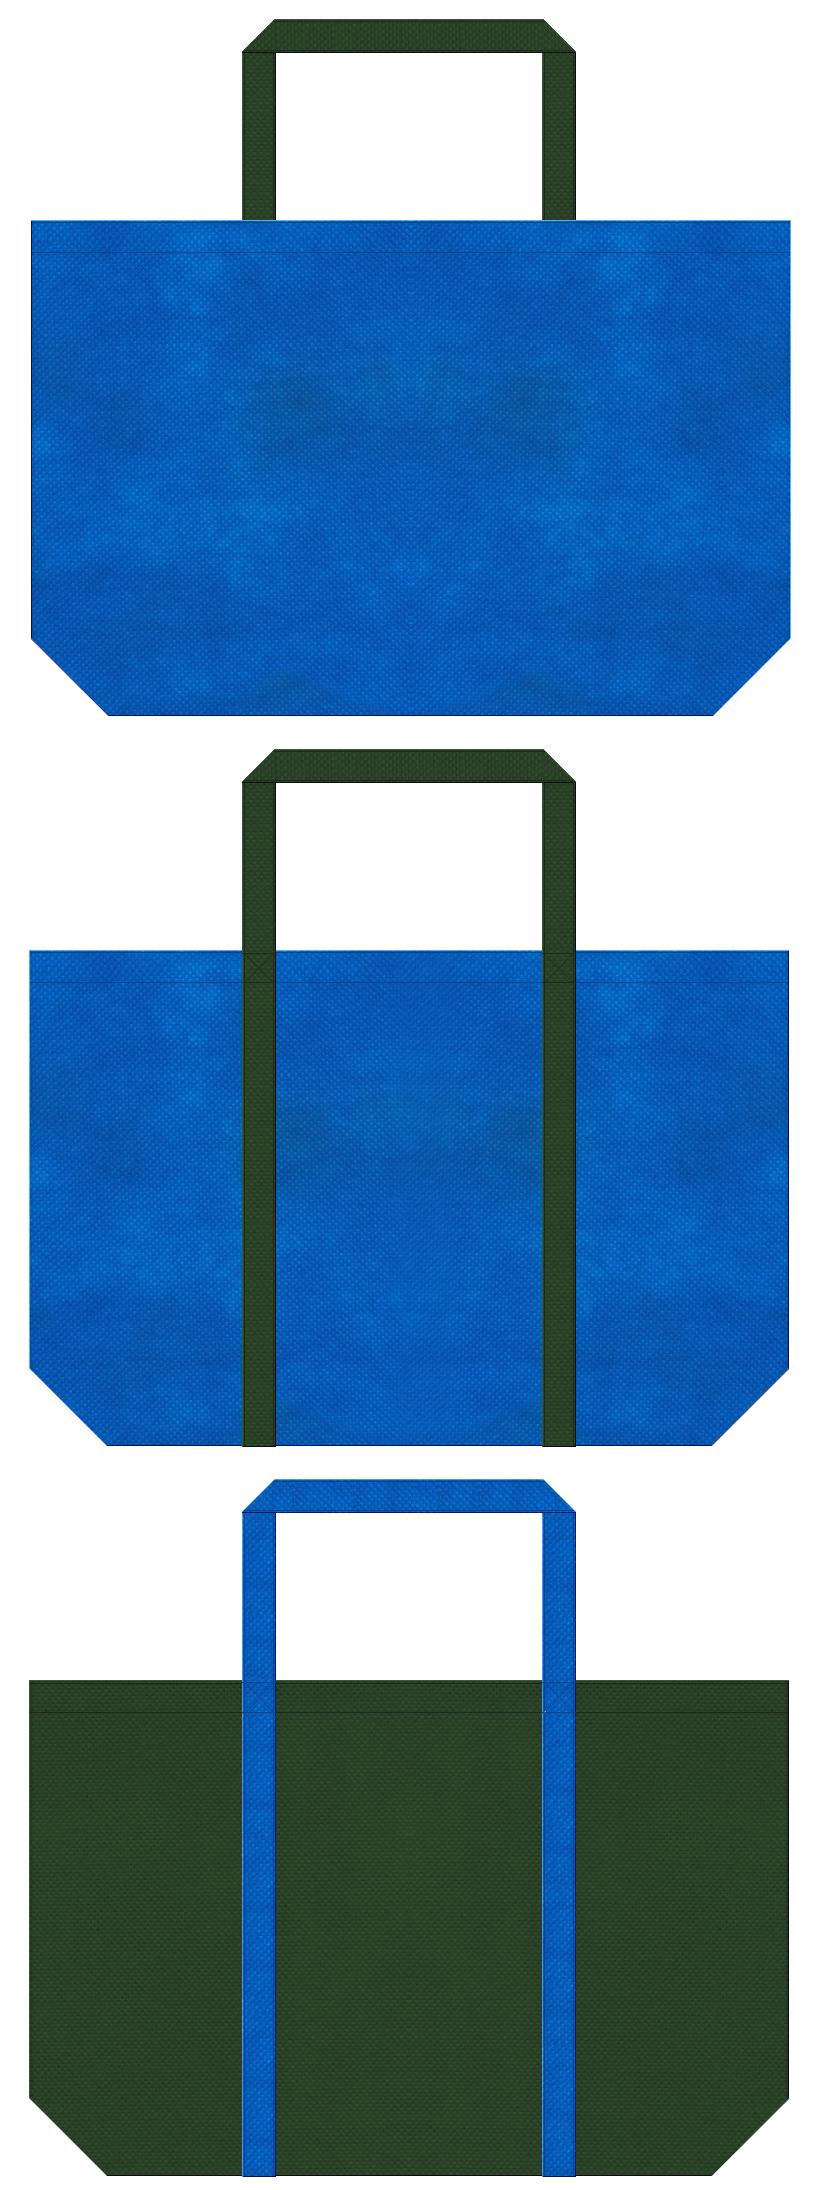 不織布トートバッグ 舟底タイプ 不織布カラーNo.22スカイブルーとNo.27ダークグリーンの組み合わせ